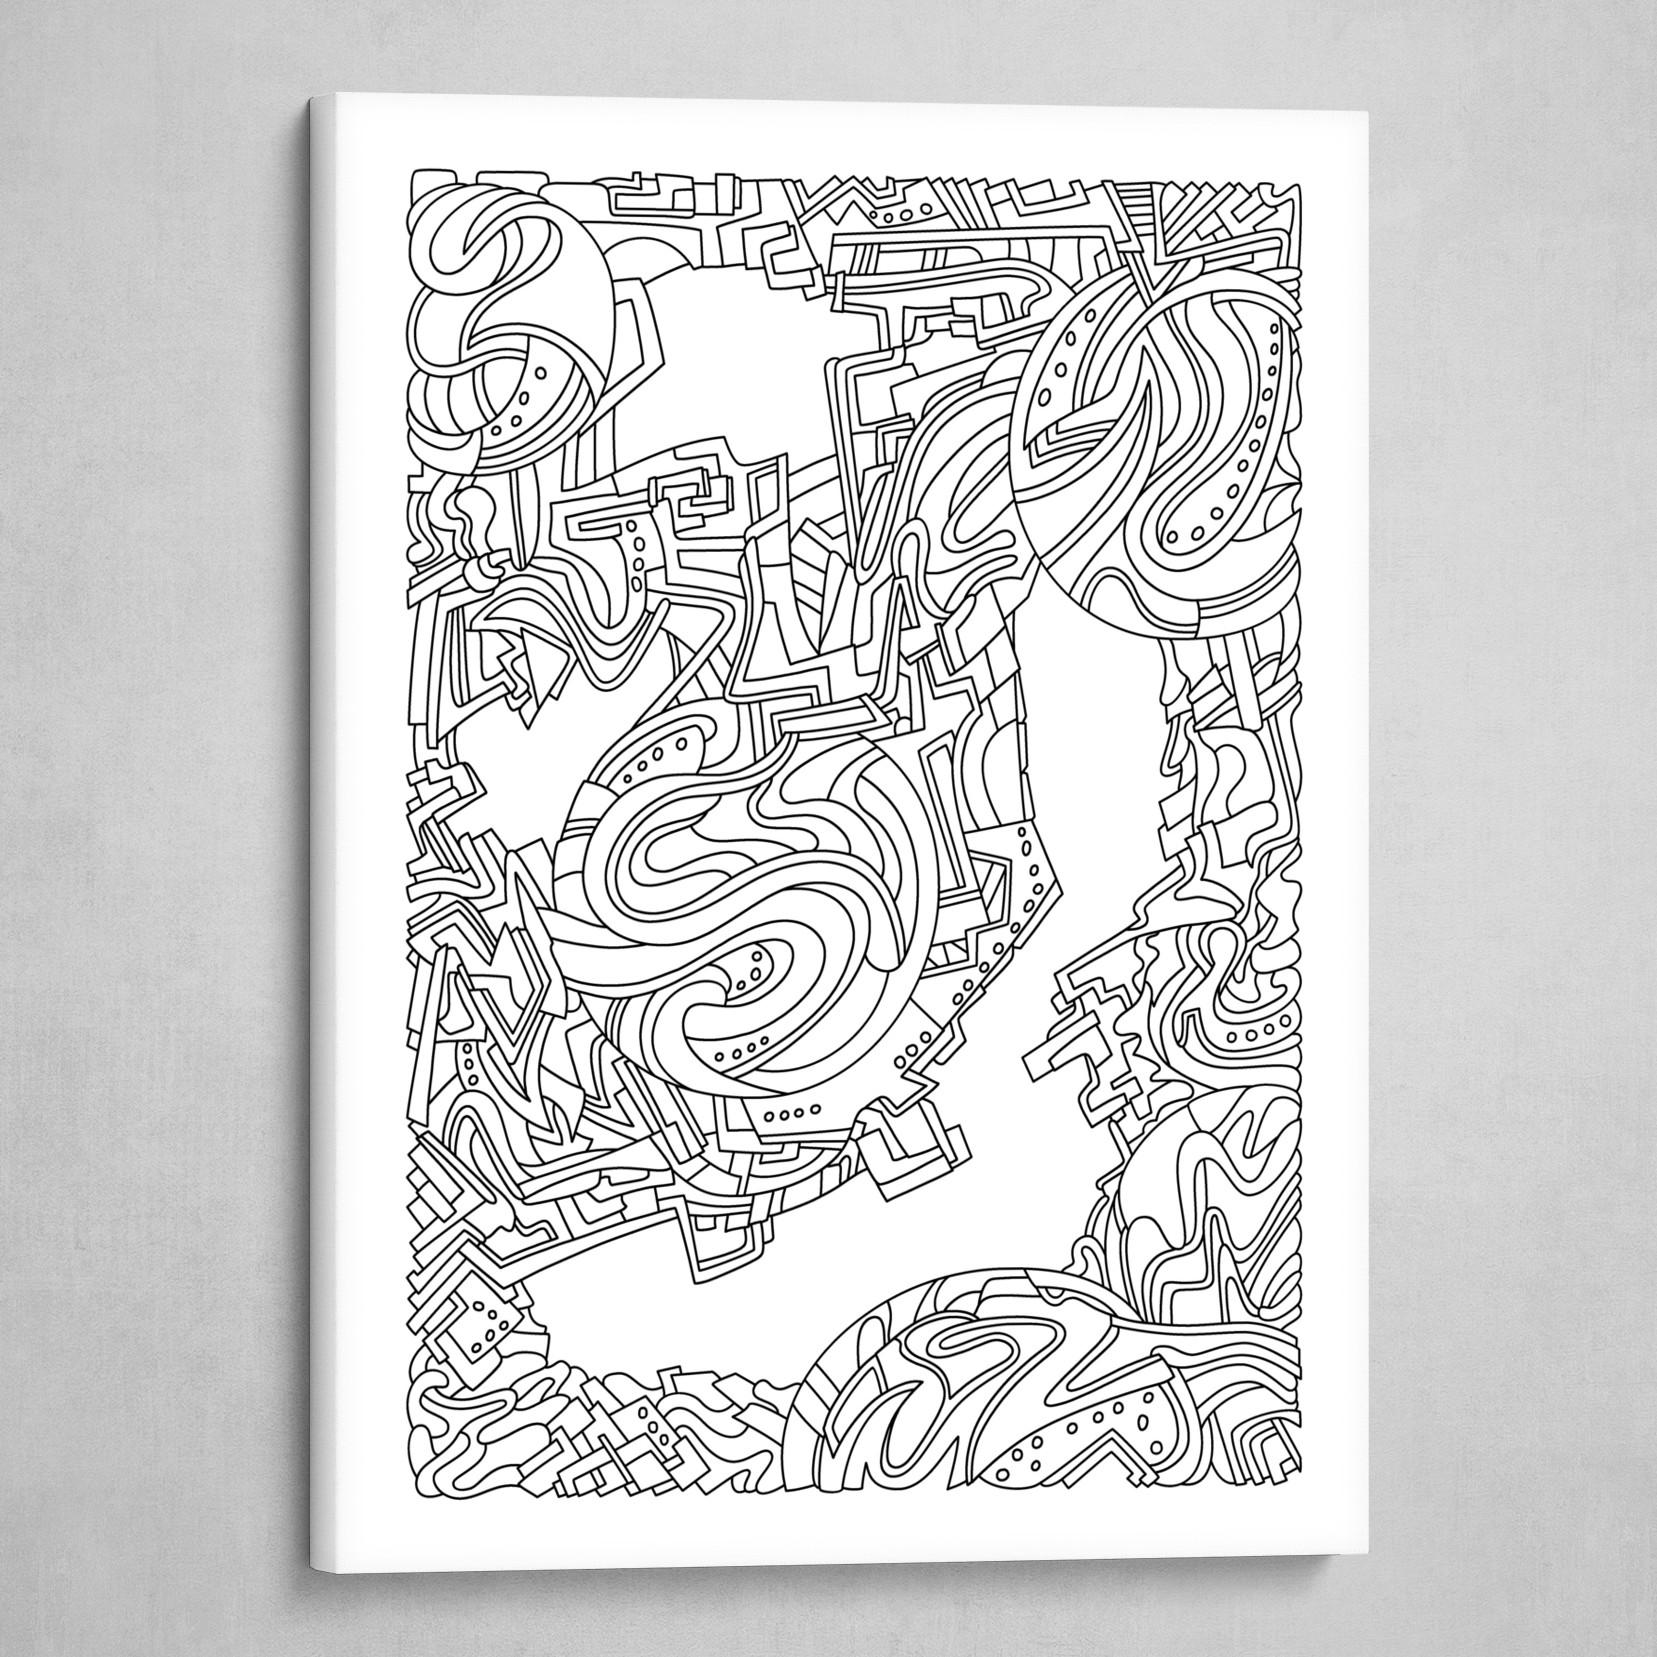 Wandering 21: black & white line art